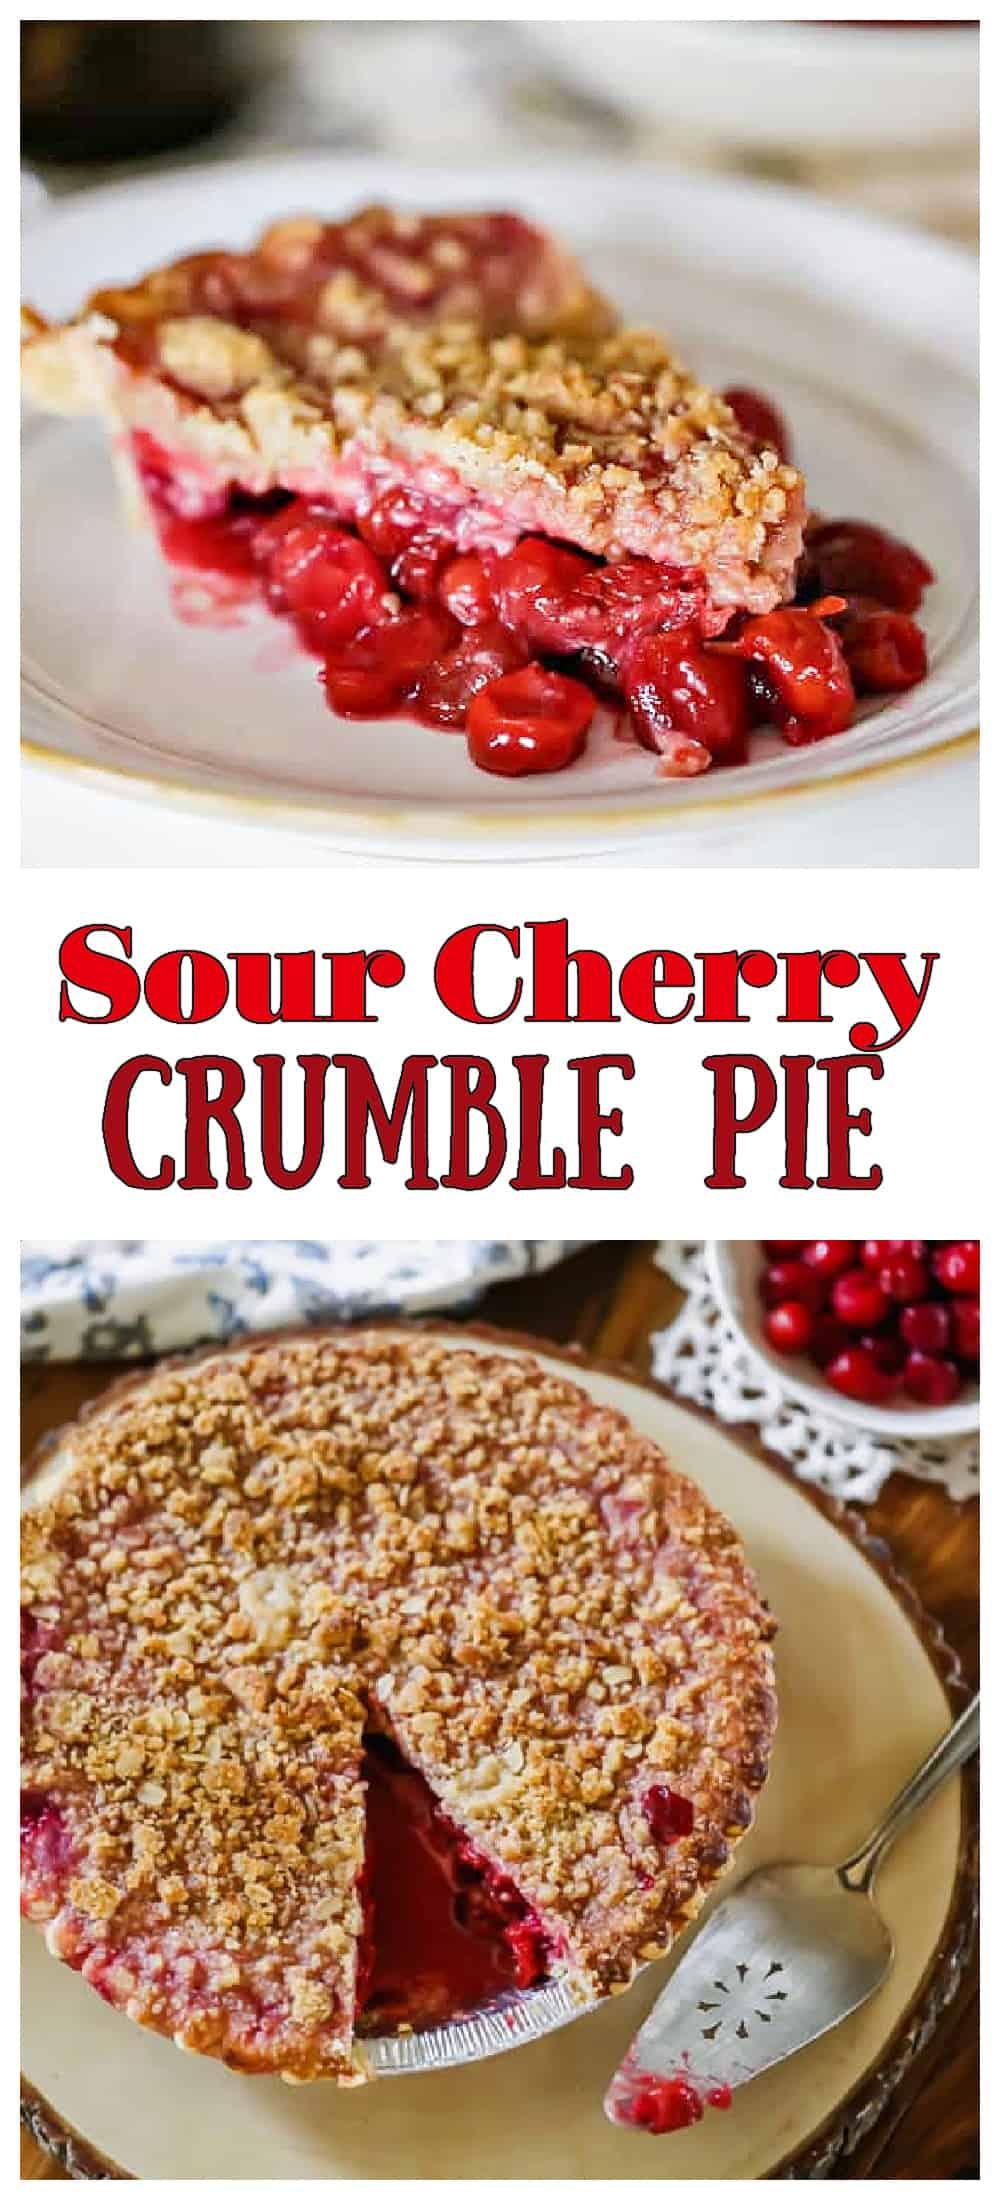 Red Tart Cherry Crumble Pie